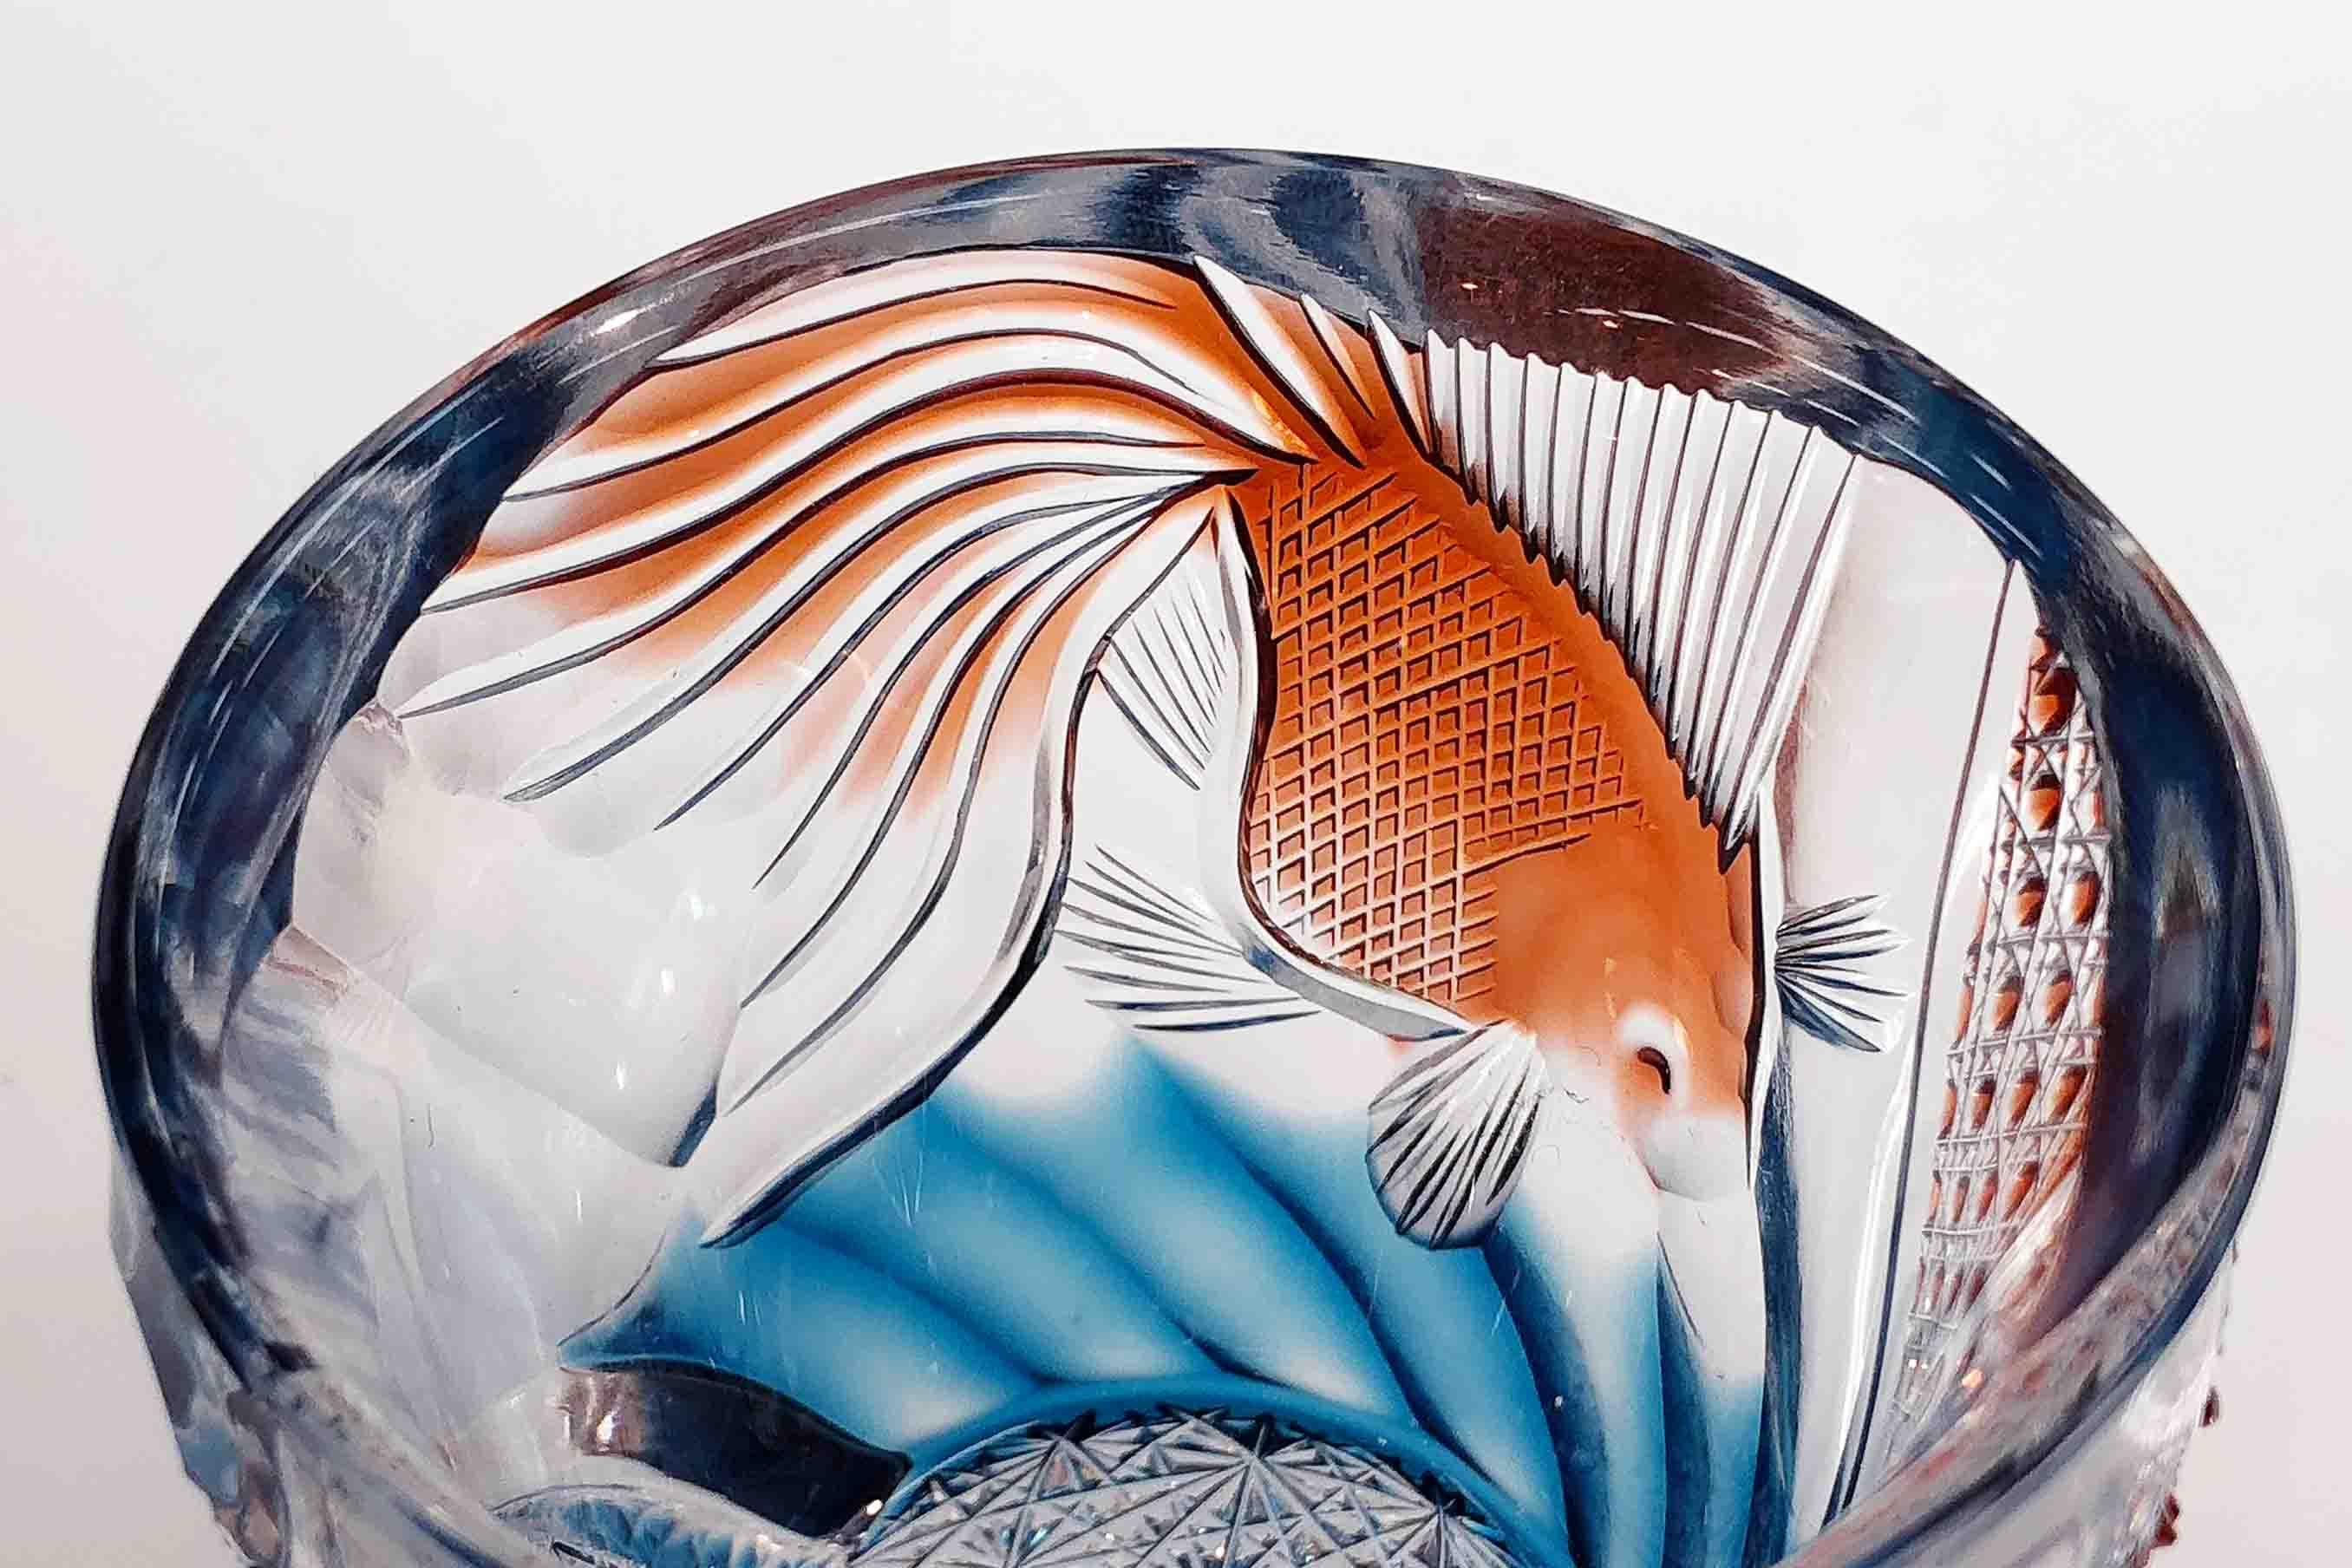 涼しげに泳ぐ金魚が描かれたオールドグラス